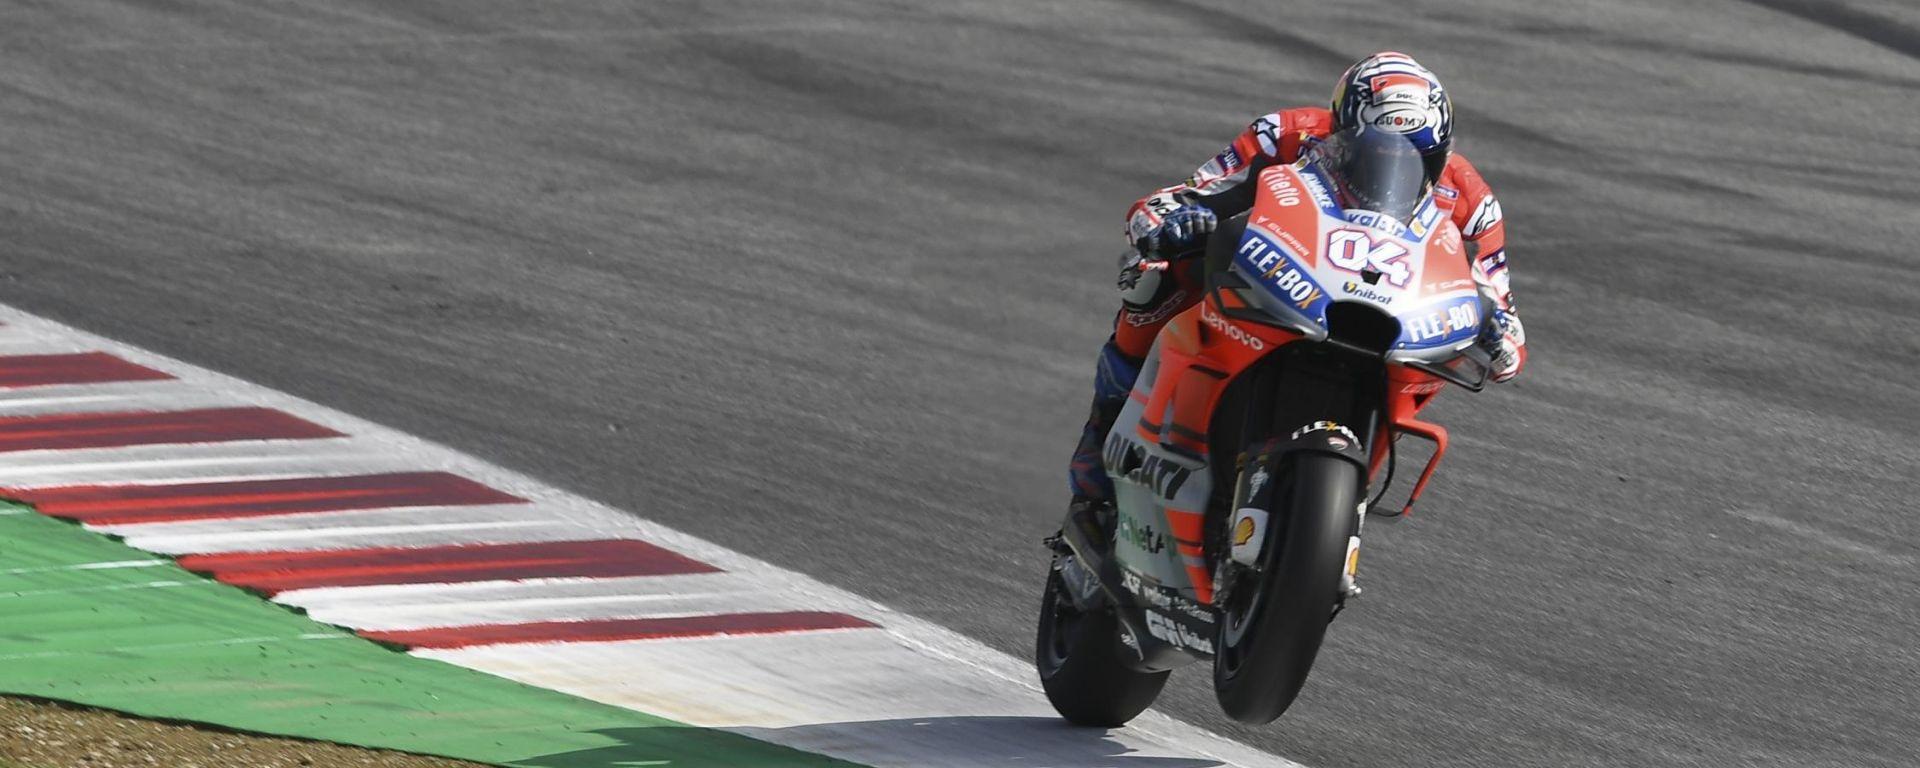 GP San Marino: Dovizioso completa il trionfo tricolore a Misano!